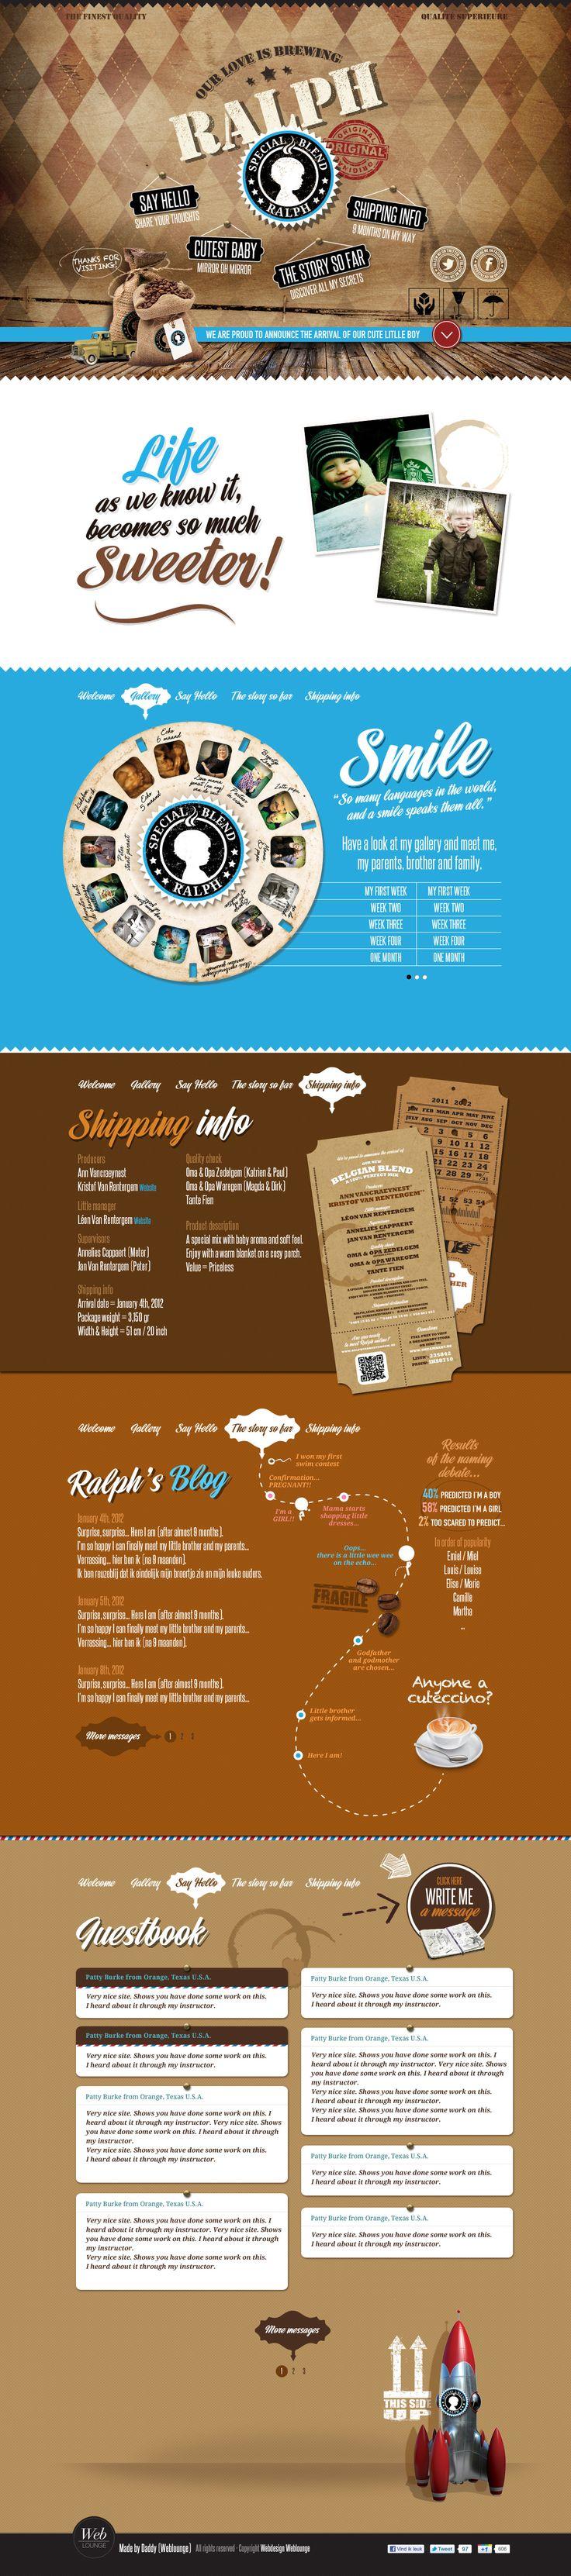 Cool Web Design, Ralph. #webdesign #webdevelopment [http://www.pinterest.com/alfredchong/]